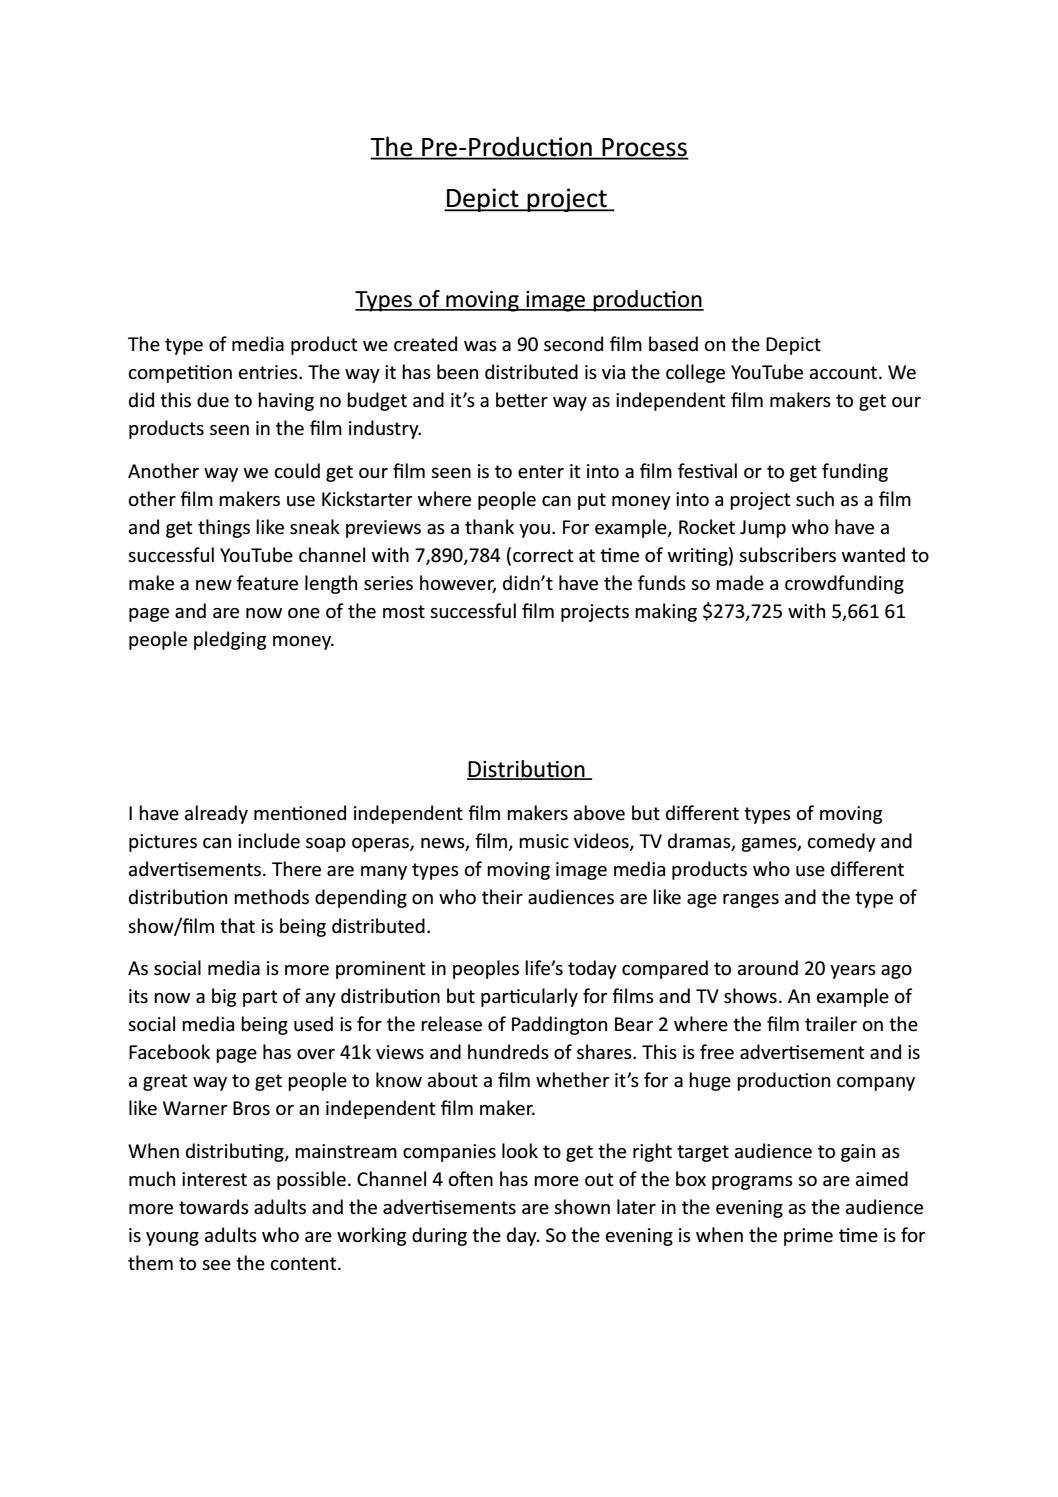 Essay on film industry as sociology essay plan